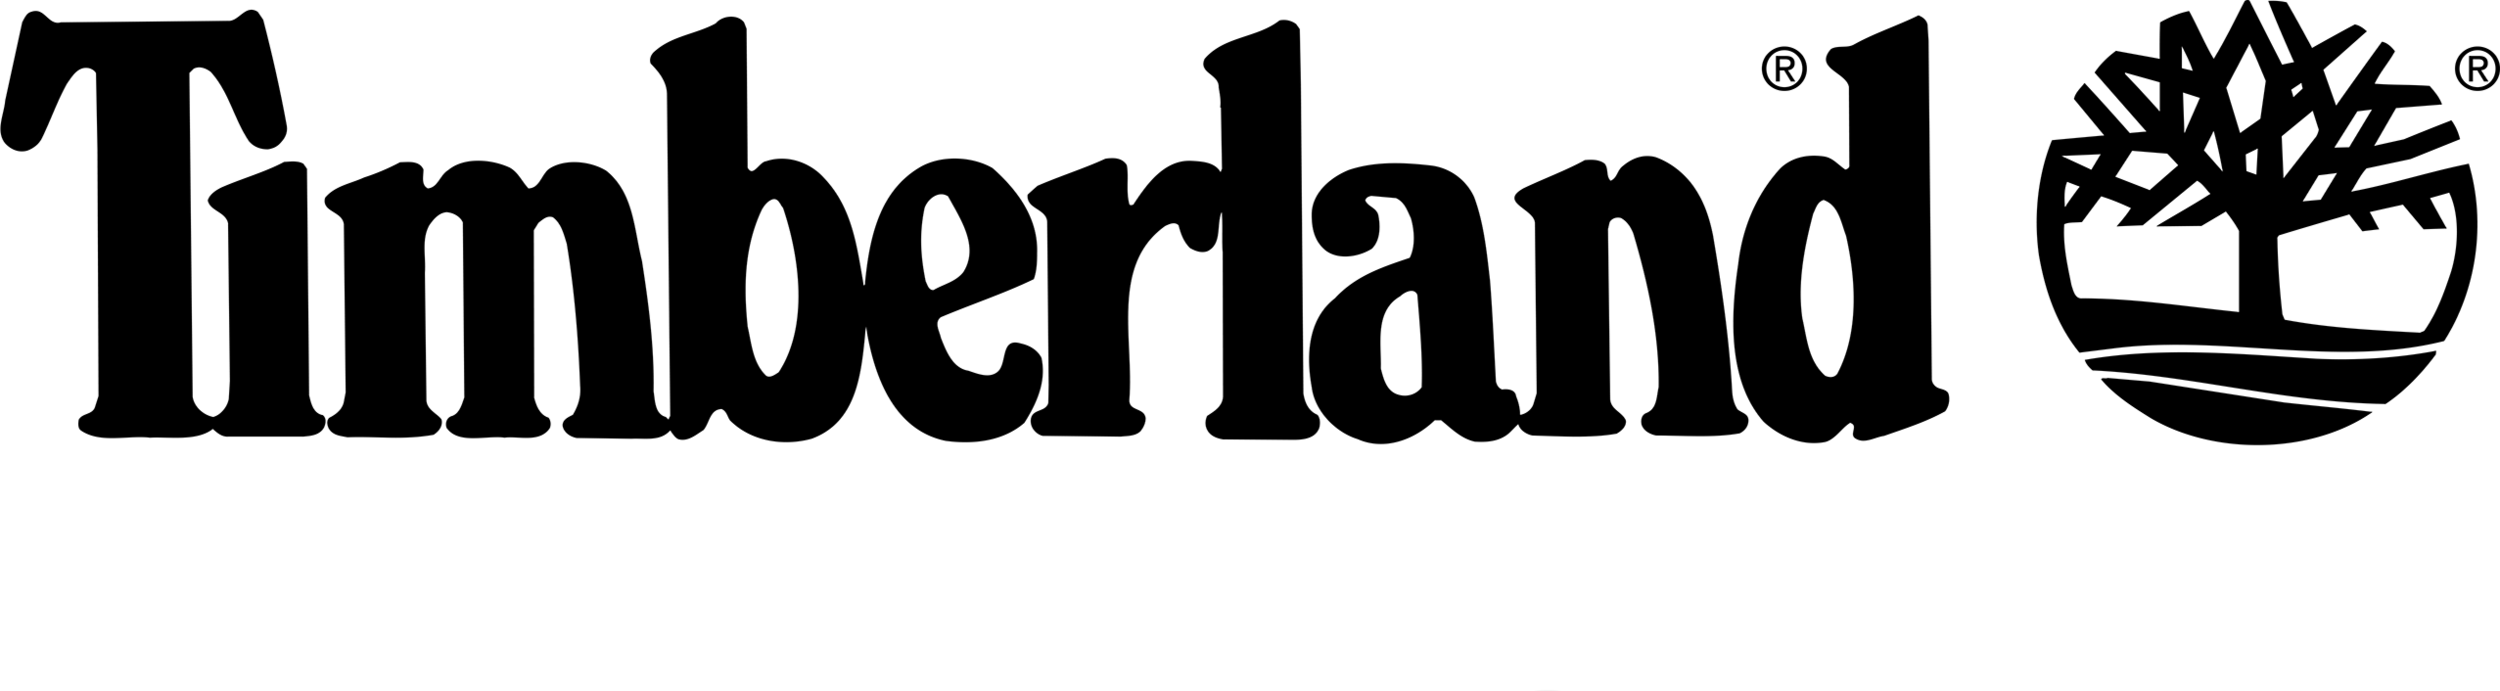 timberland_logo copy 2.png